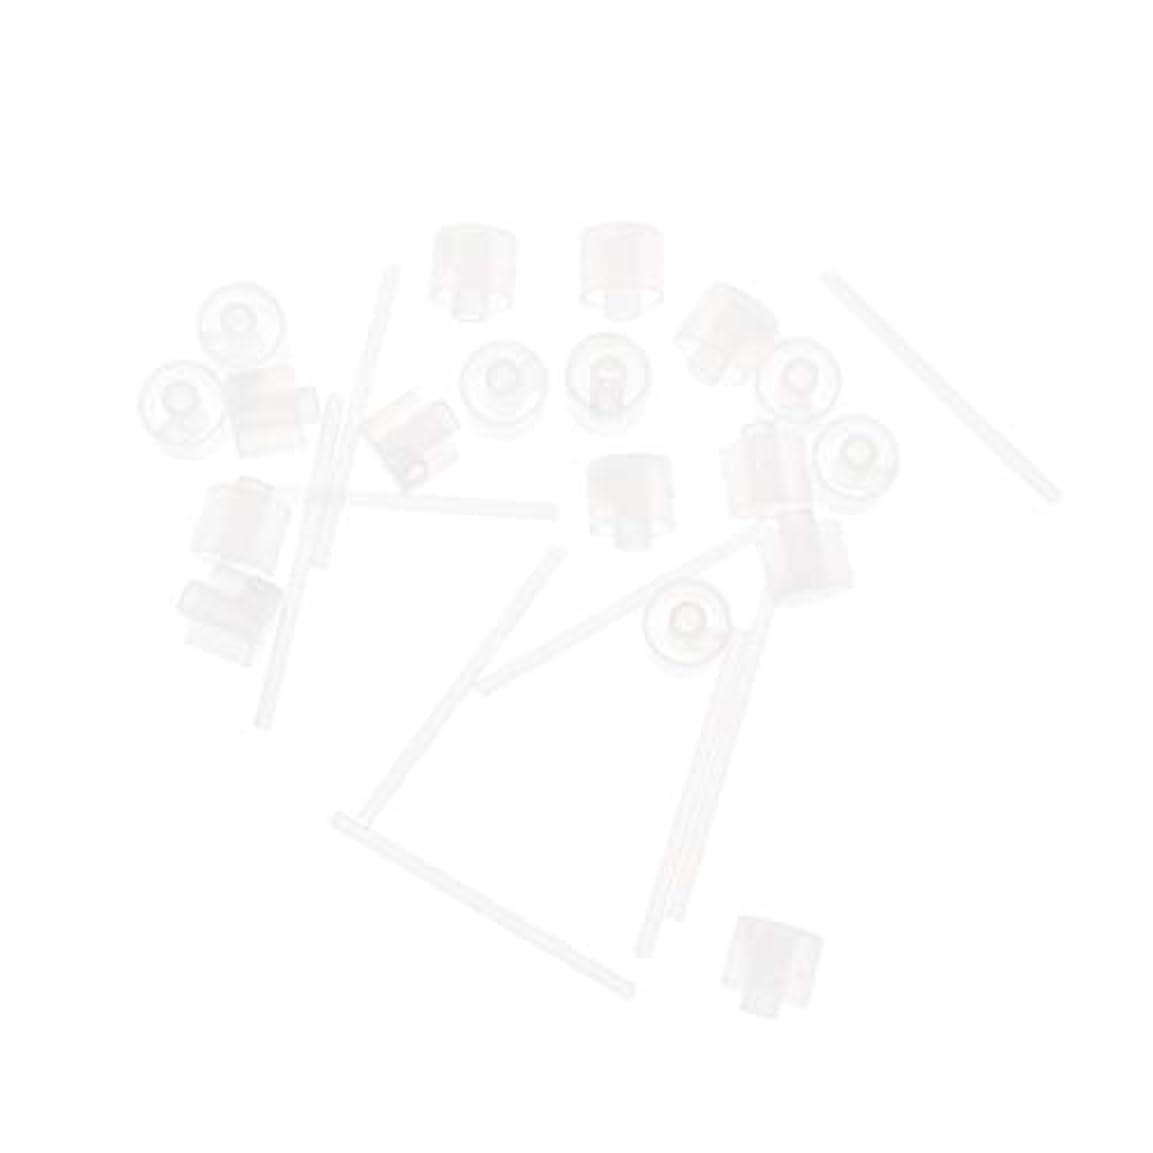 ゲージ栄光タッチLurrose 20ピースプラスチック香水ポンプディスペンサー香水ディスペンサーツール